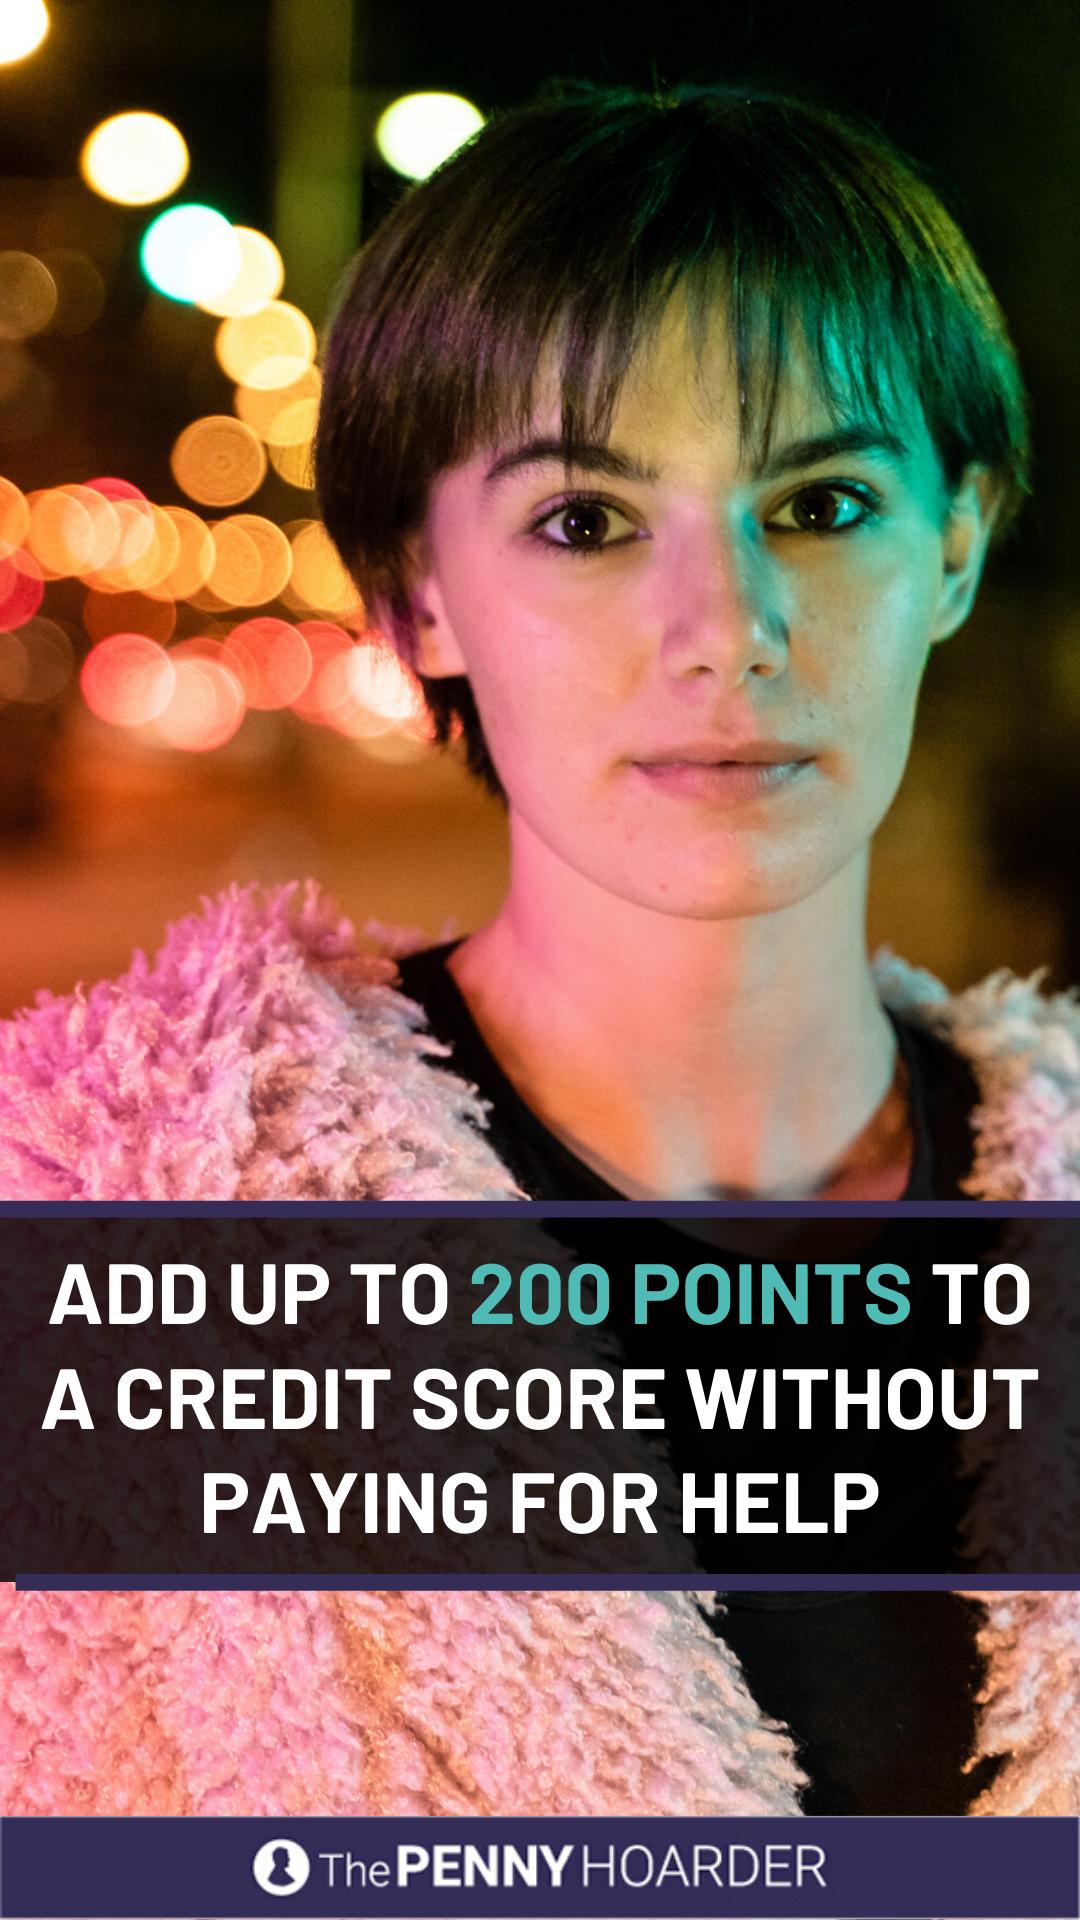 So können Sie einem Kredit-Score bis zu 200 Punkte hinzufügen, ohne jemanden für Hilfe zu bezahlen   – 50 Ways Created by Ads Bulk Editor 11/08/2017 18:59:07